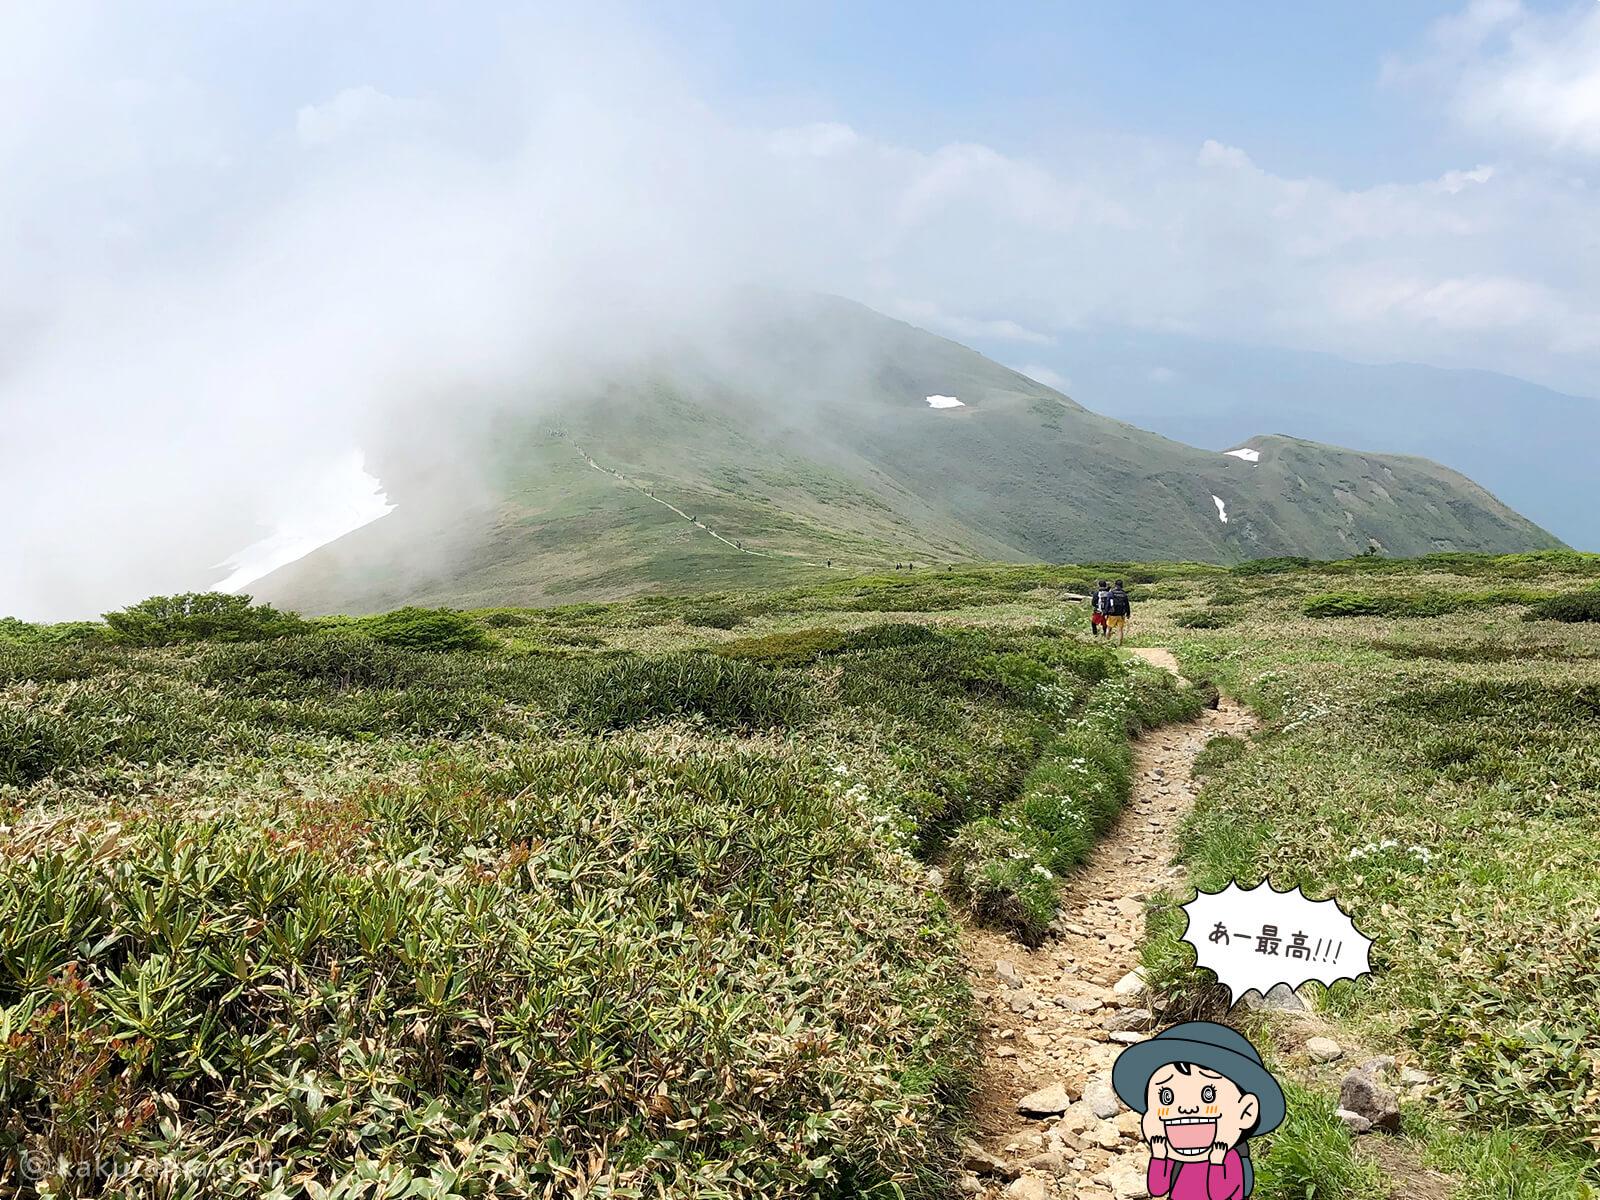 仙ノ倉山から平標山への道3